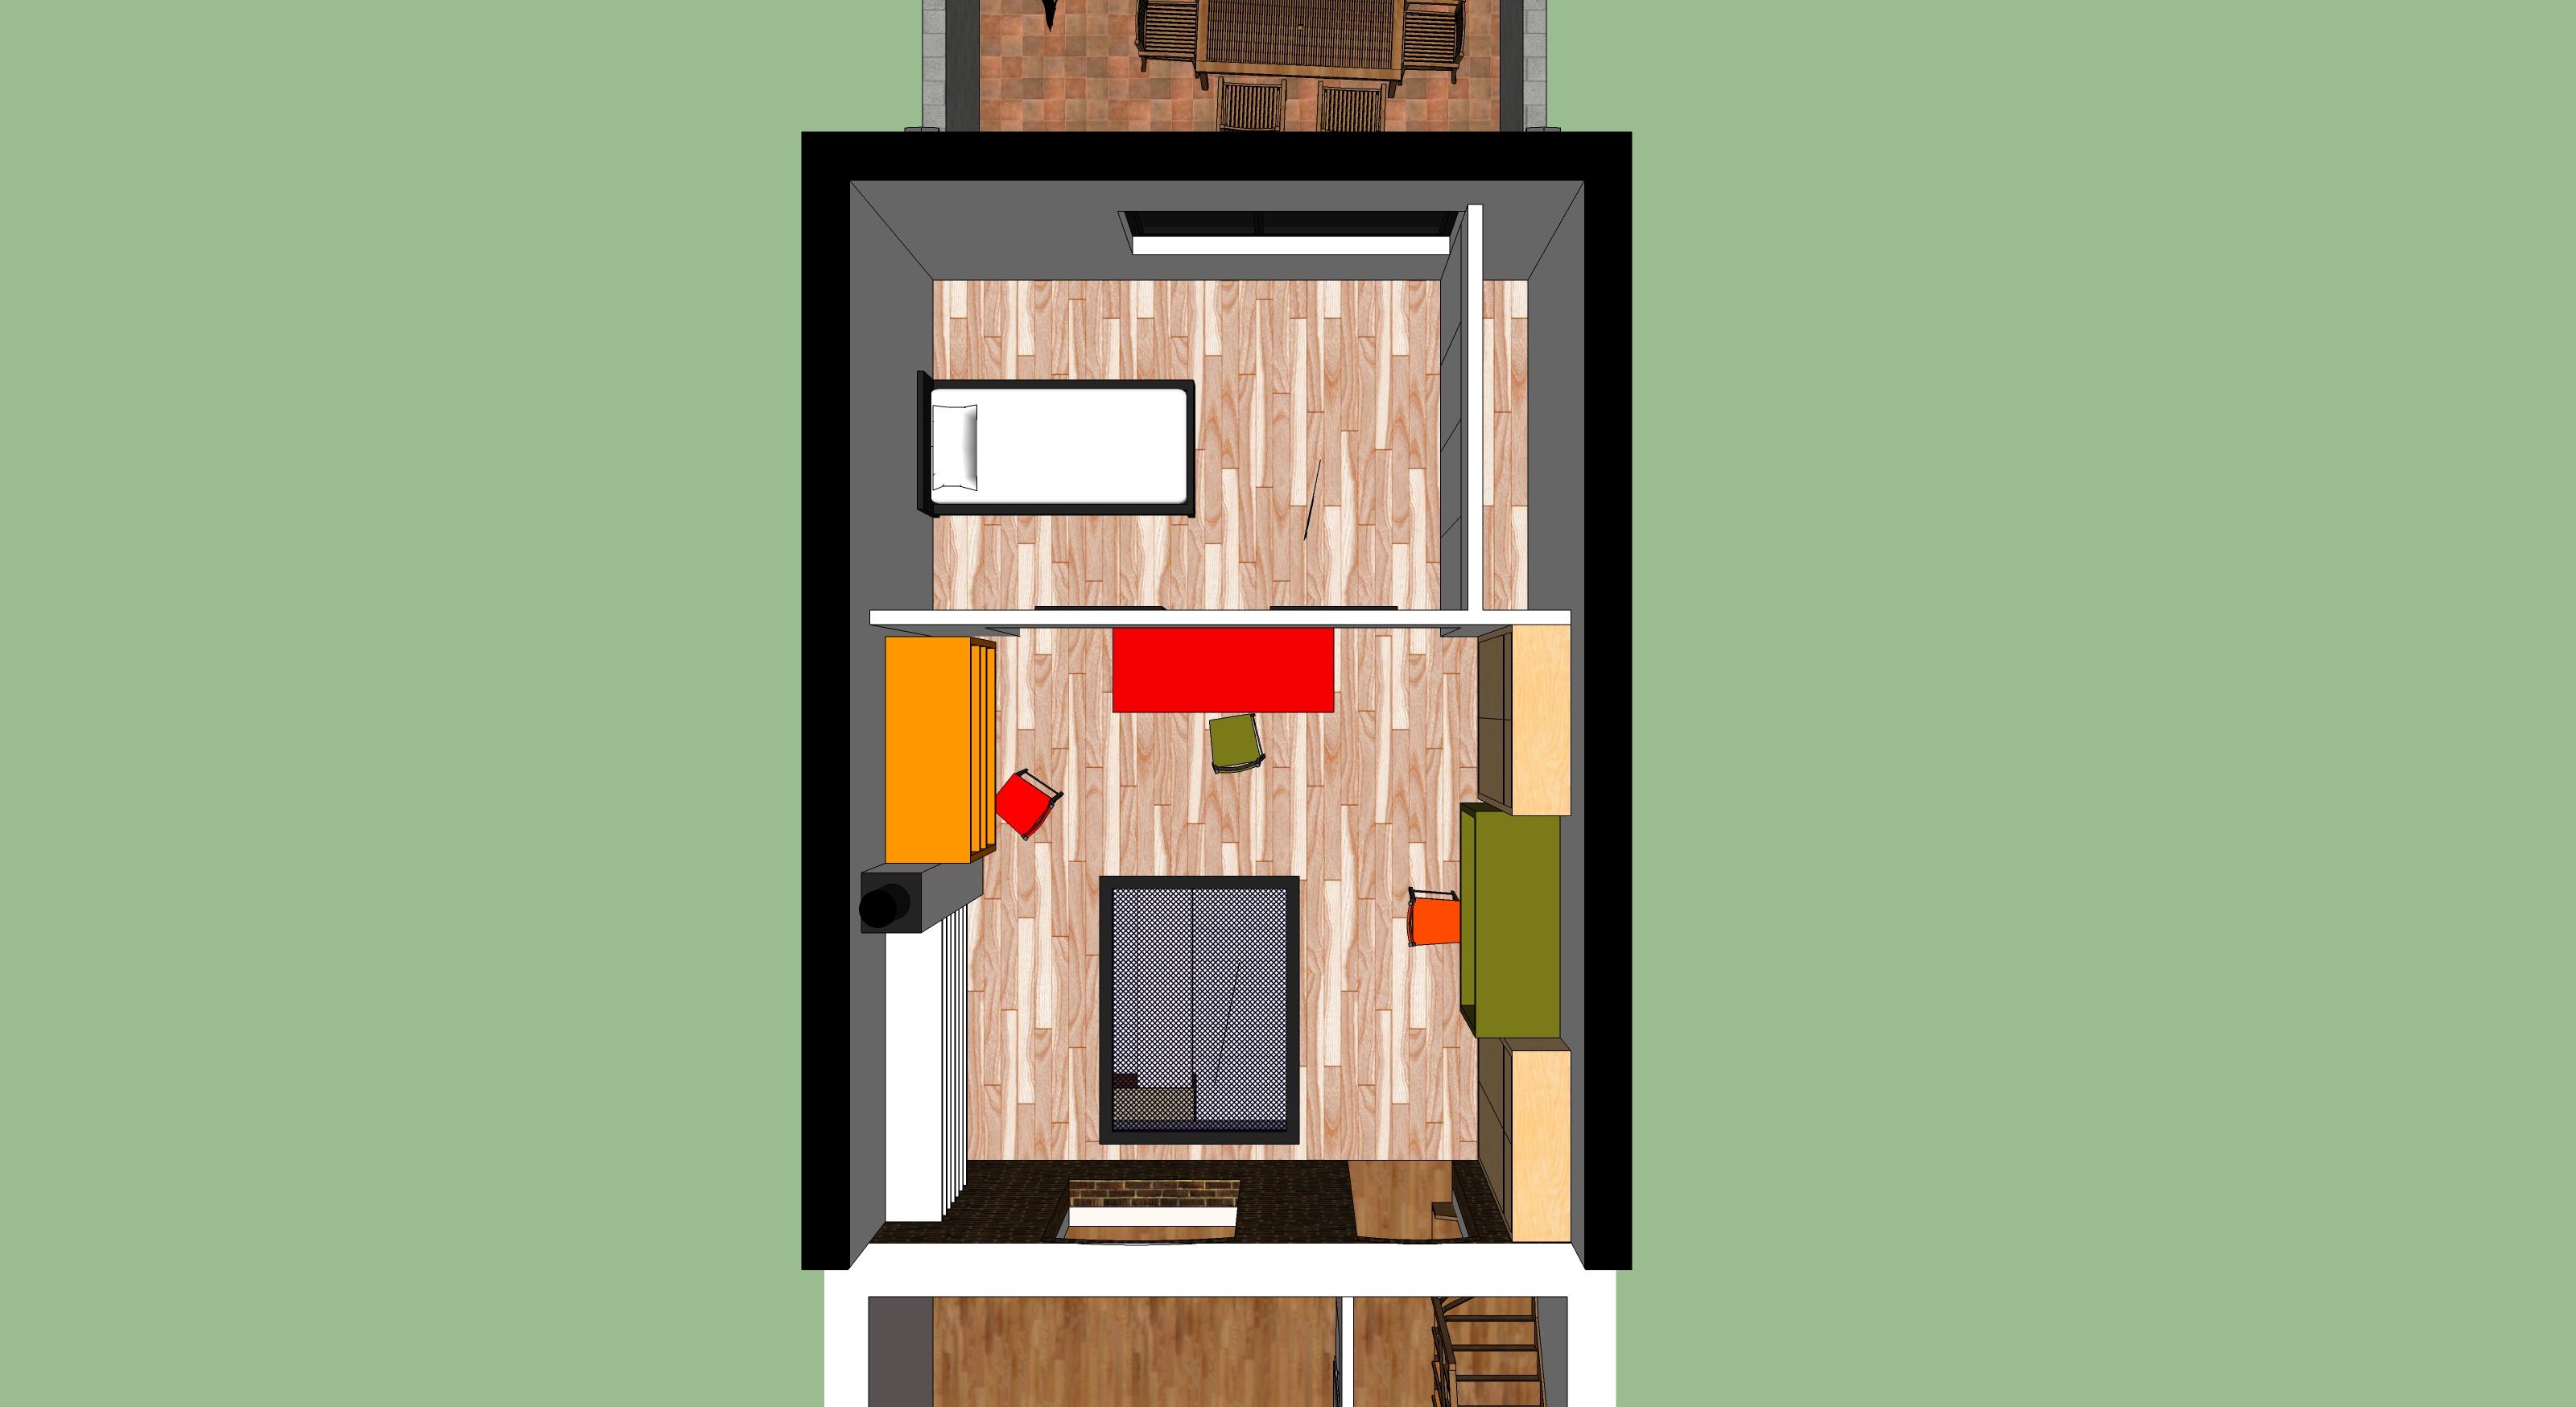 3D-MONFRONT-PROJET-V2-19-02-14-étage